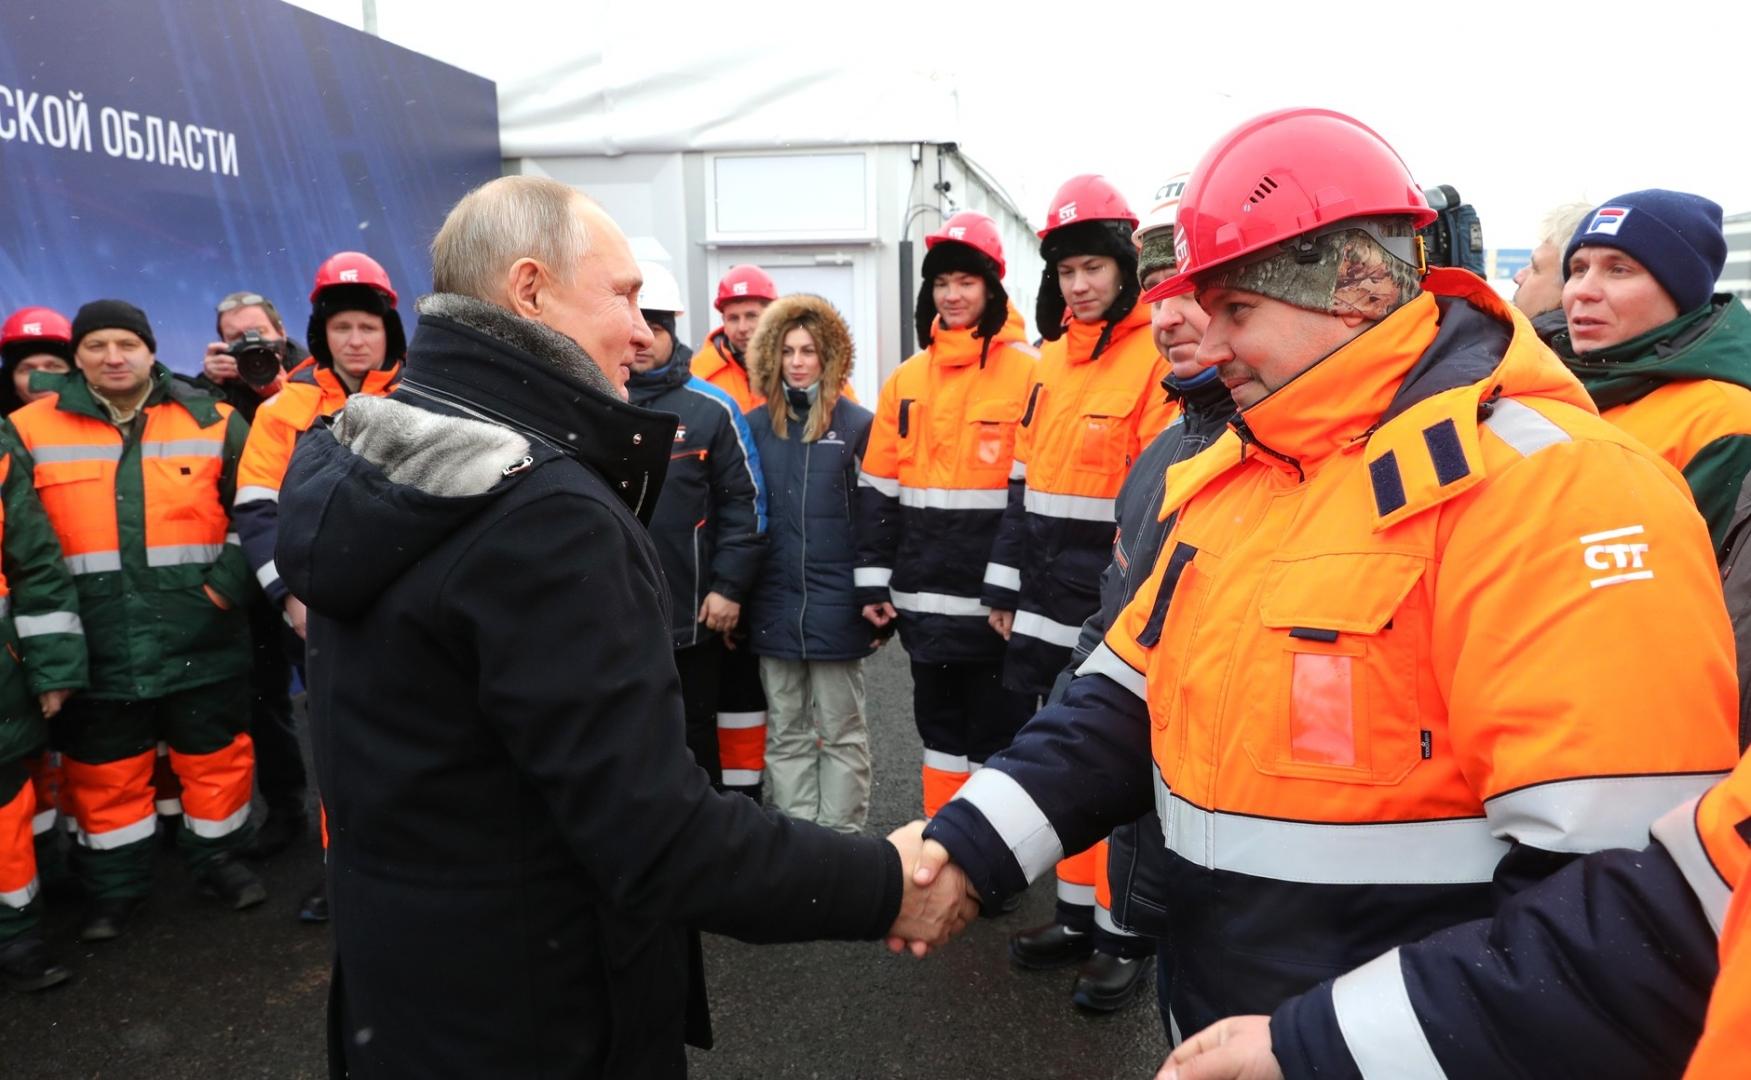 Путин поблагодарил строителей дорожной развязки в Химках